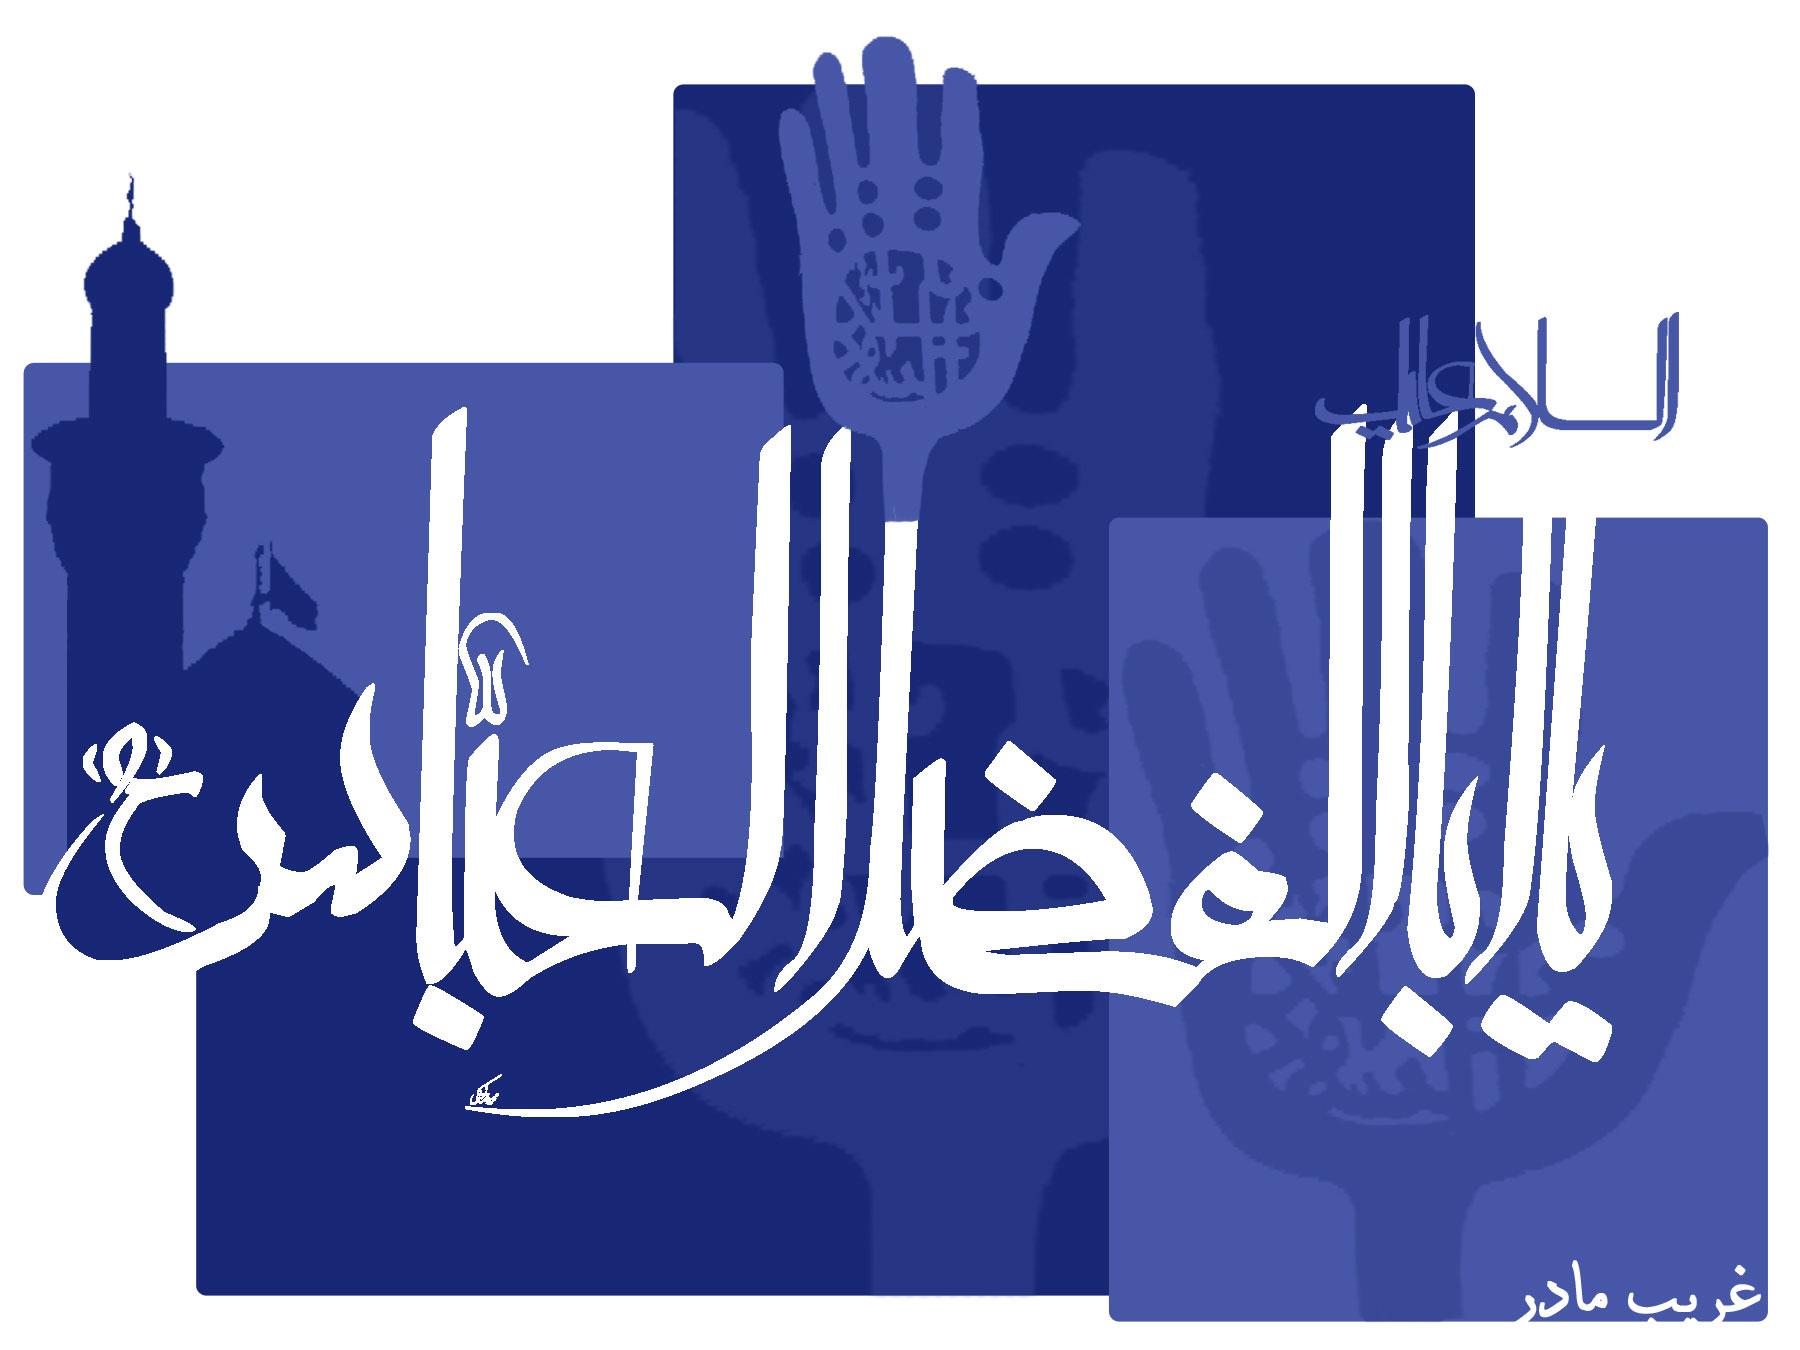 کمک رییس جمهور به مادر دو شهید و کنگره شهدای هرمزگان